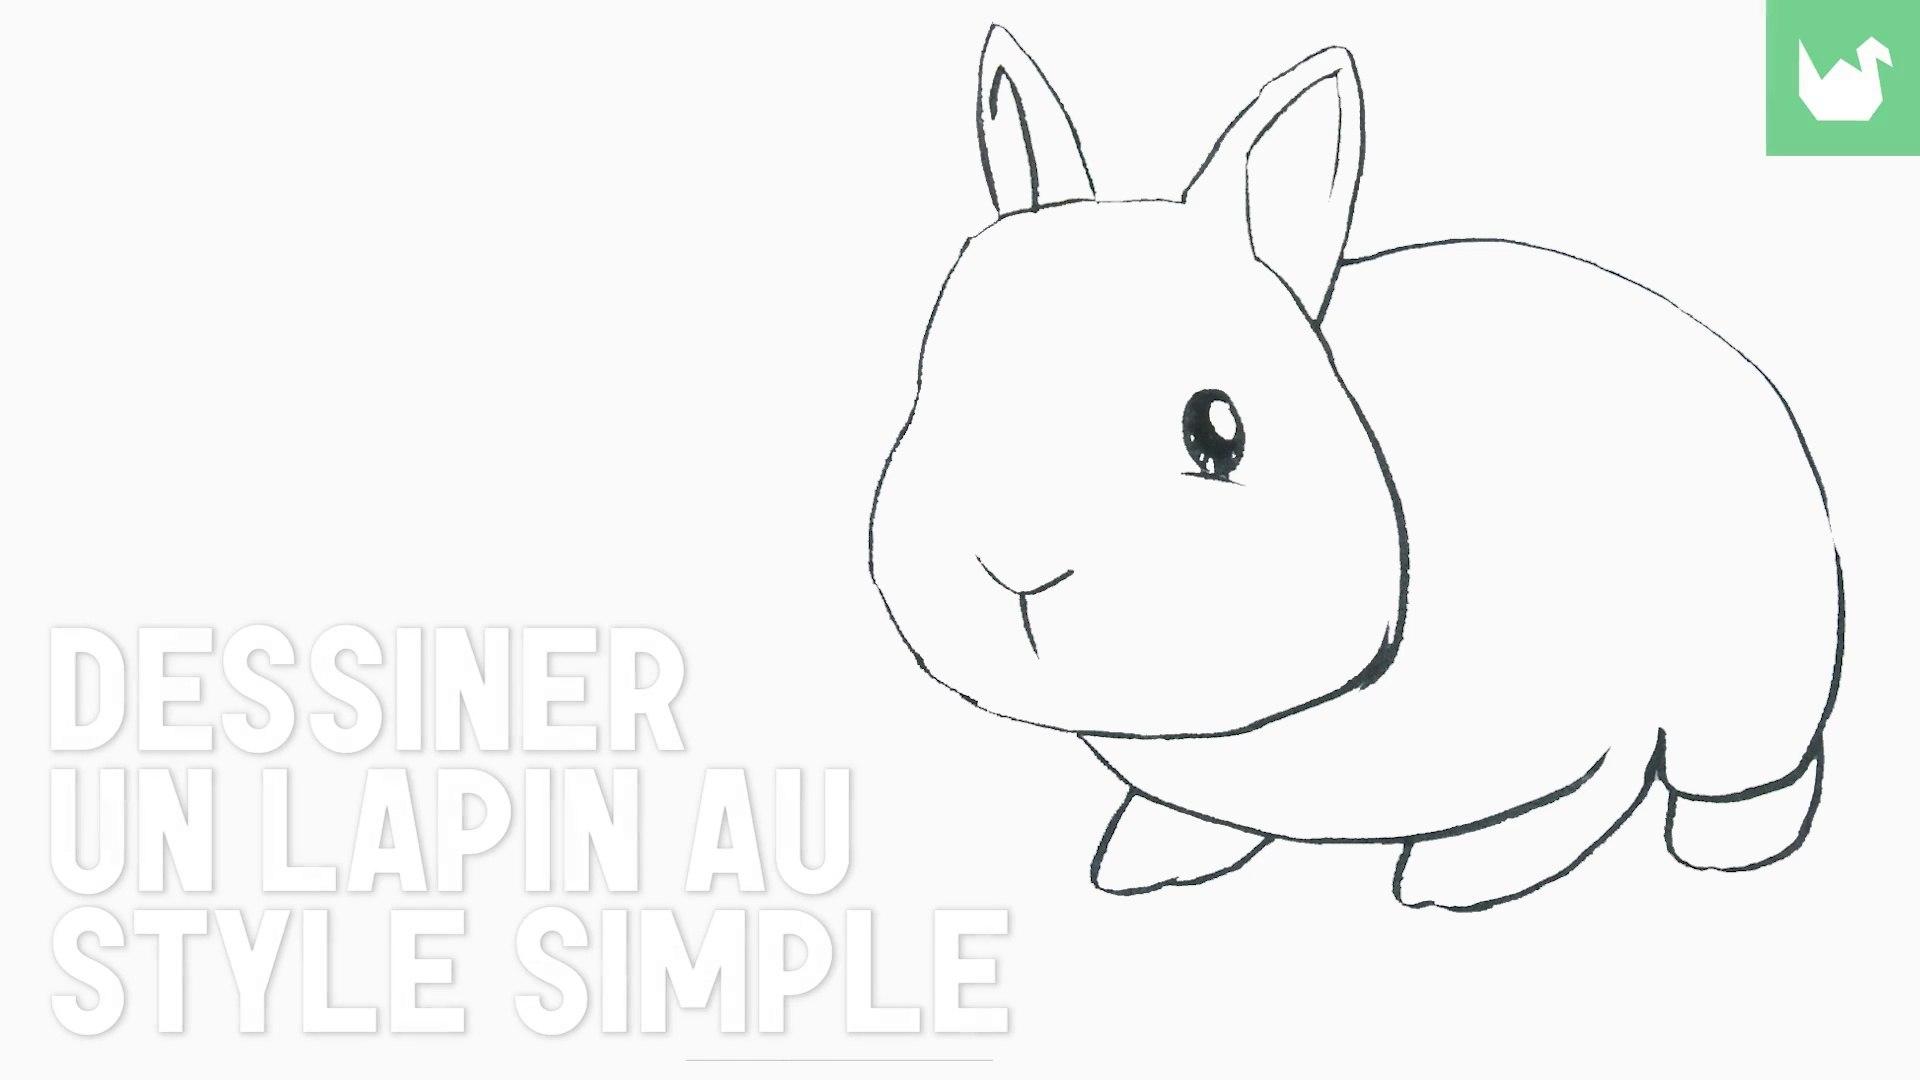 Étonnant Dessin : Dessiner un lapin (facile) - HD - Vidéo dailymotion RN-07